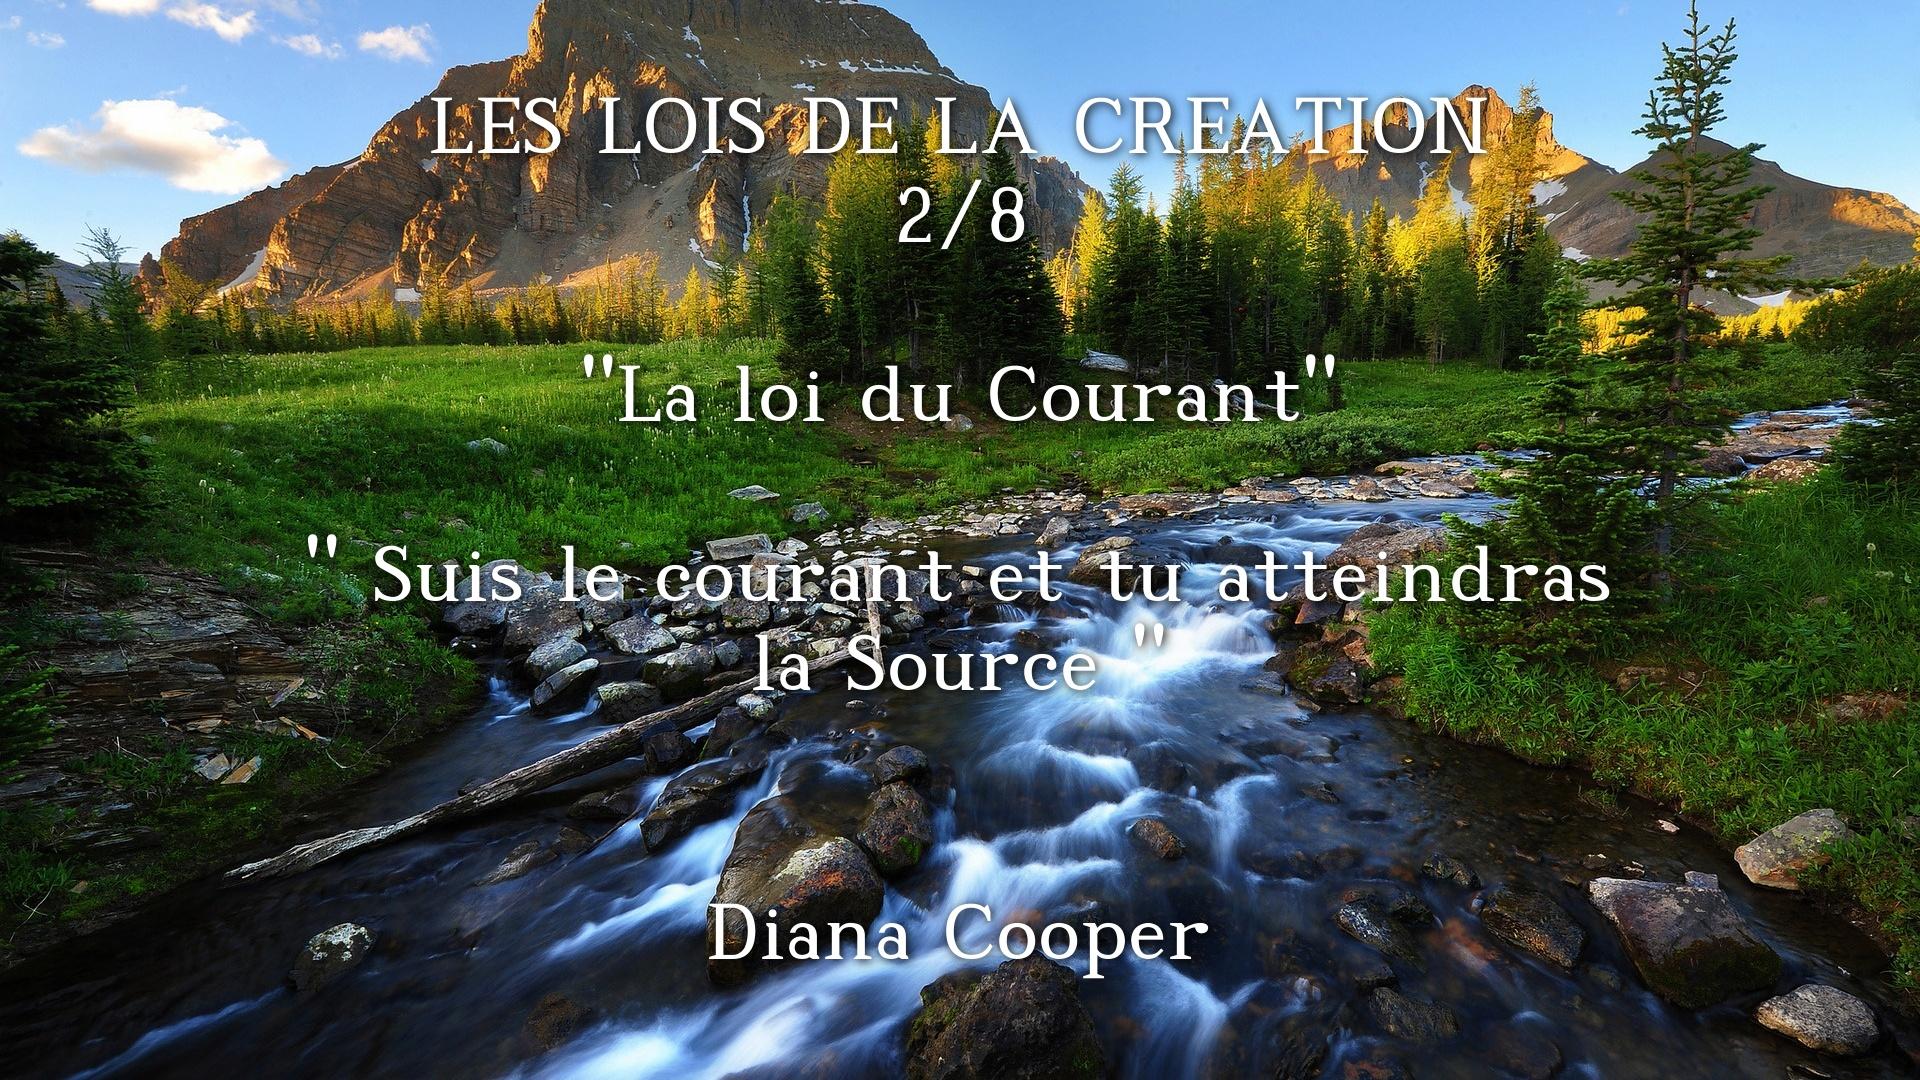 wp-LES-LOIS-DE-LA-CR-ATION-2-8-La-loi-du-Co_1537429513